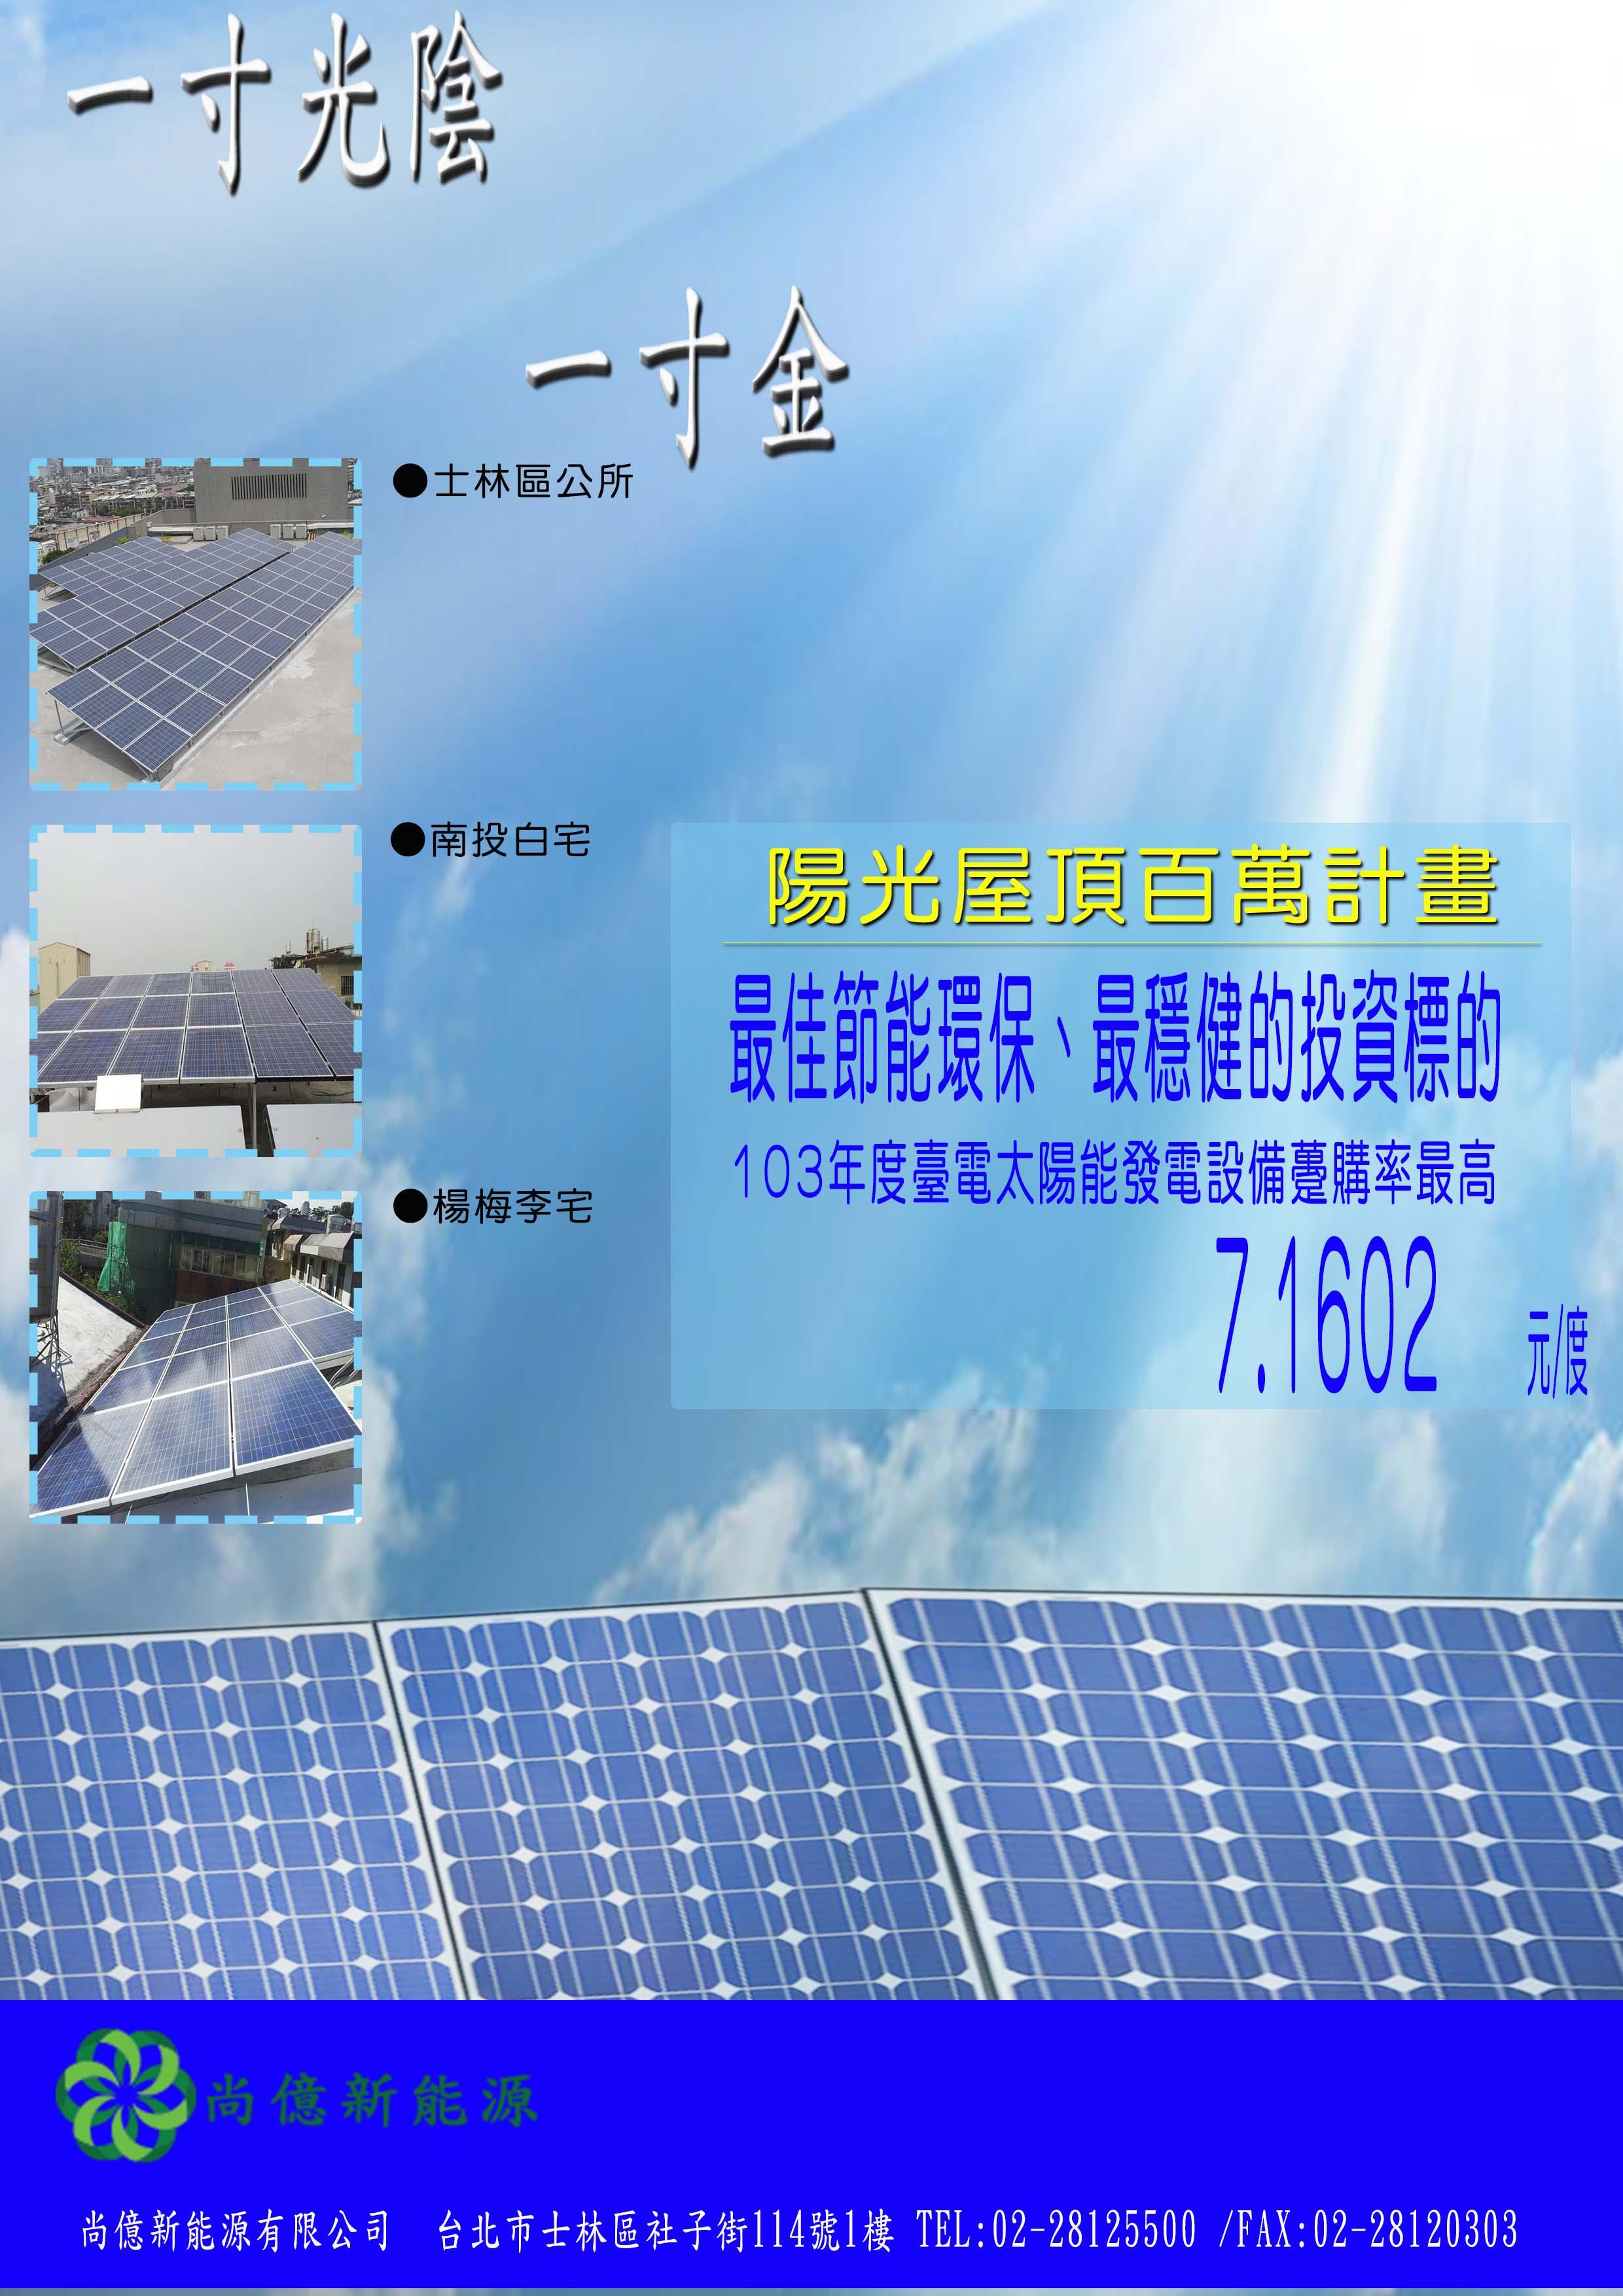 尚億新能源有限公司